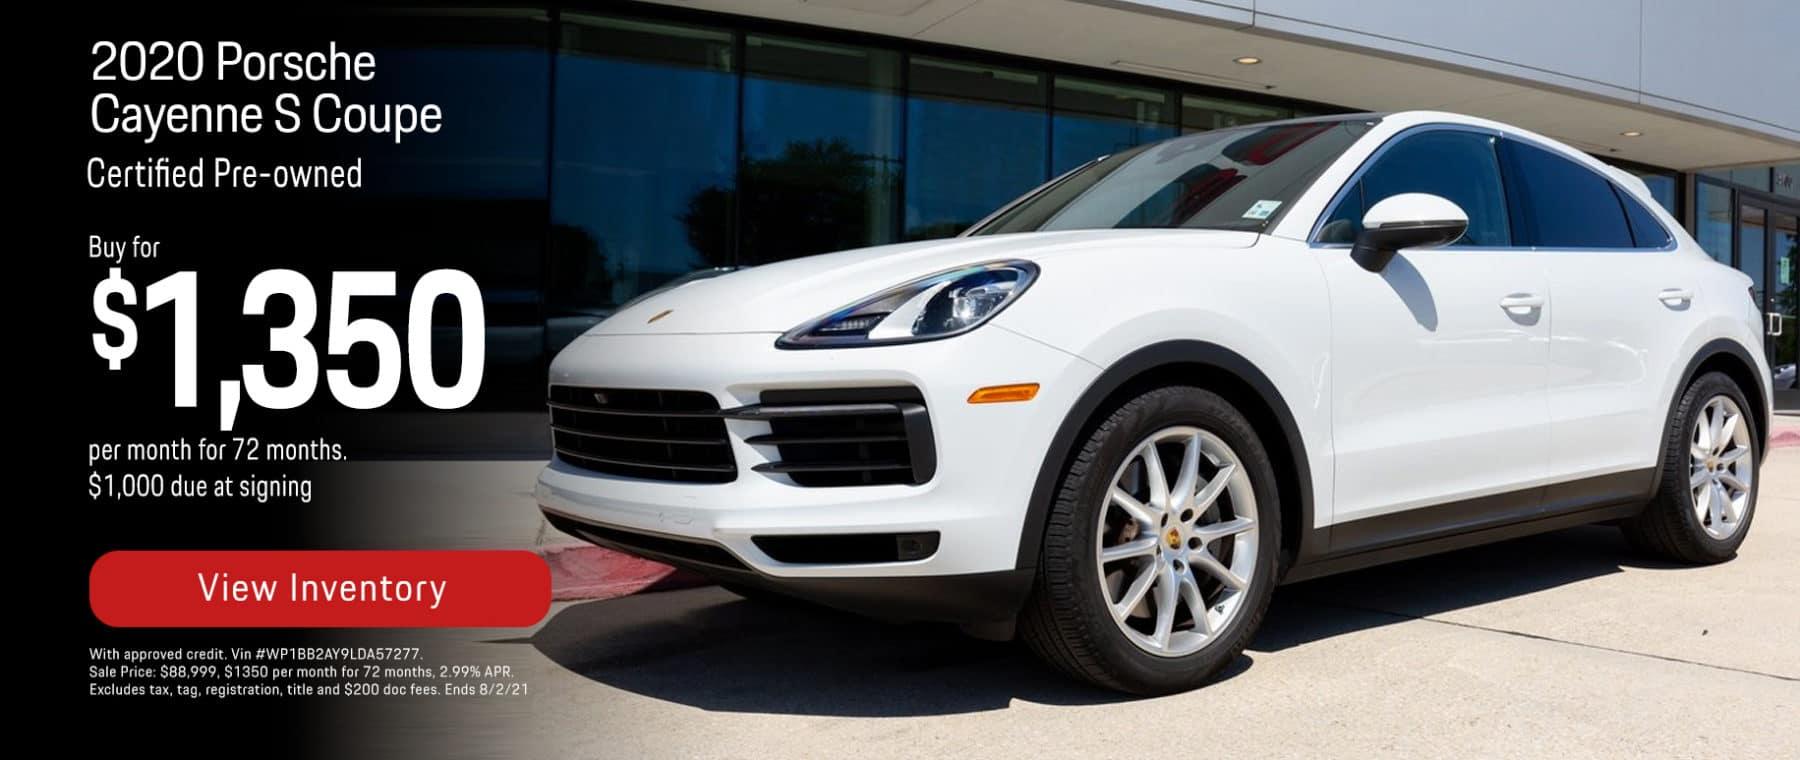 Porsche of New Orleans Cayenne